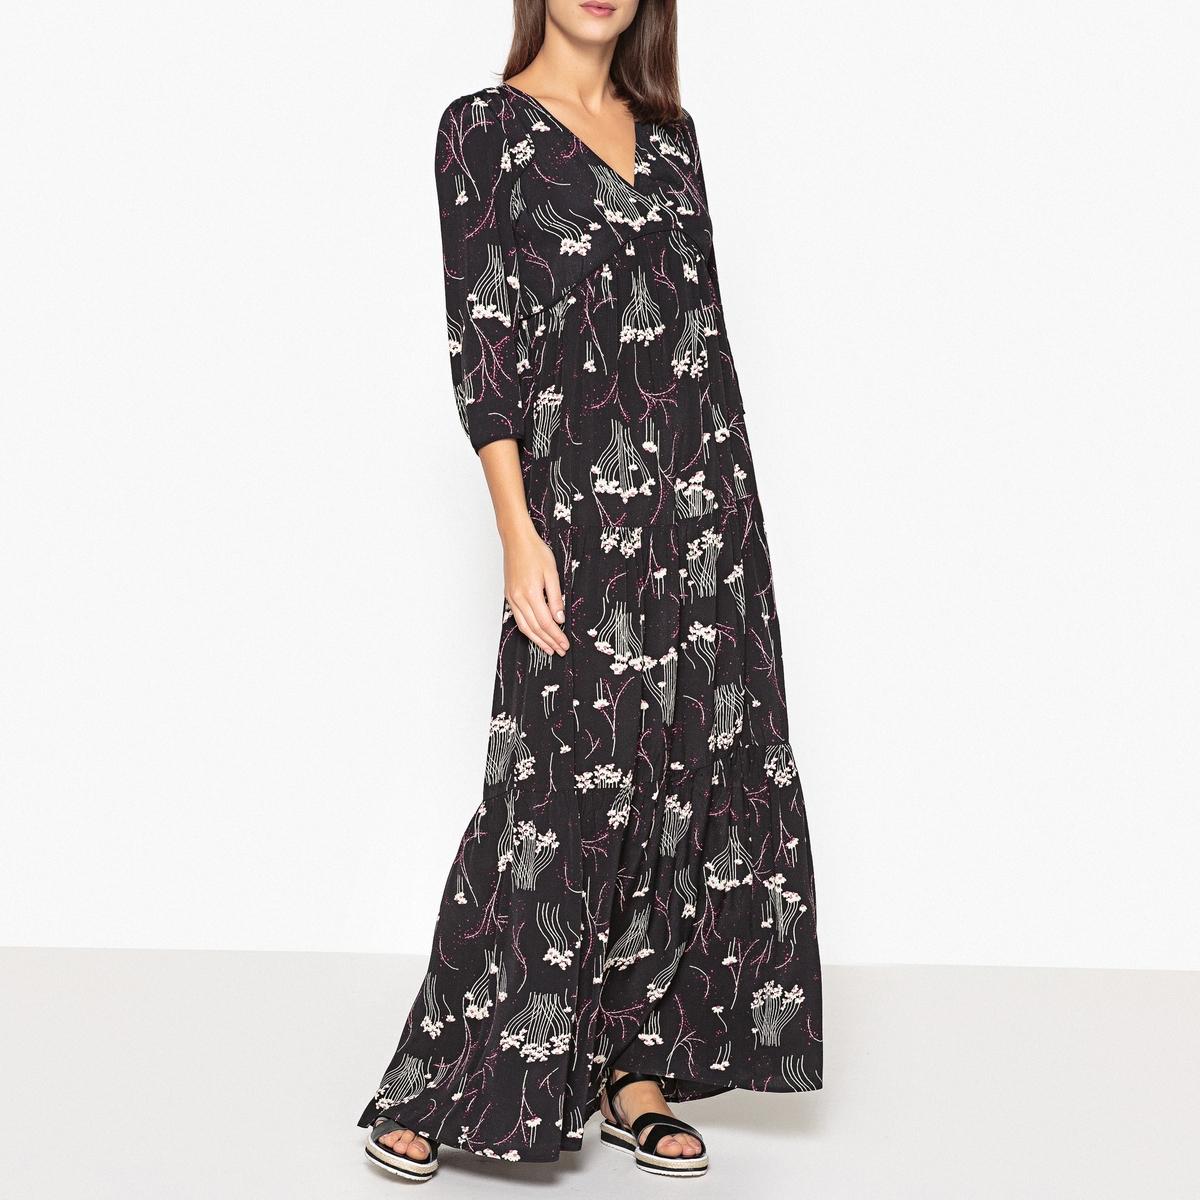 """Платье длинное с рисунком и V-образным вырезом KINA ñ€ñƒð±ð°ñˆðºð° ð¿ð¾ð ð¾ printio ñ""""ðº ð°ð²ð°ð½ð³ð°ñ€ð´ ðºñƒñ€ñðº"""